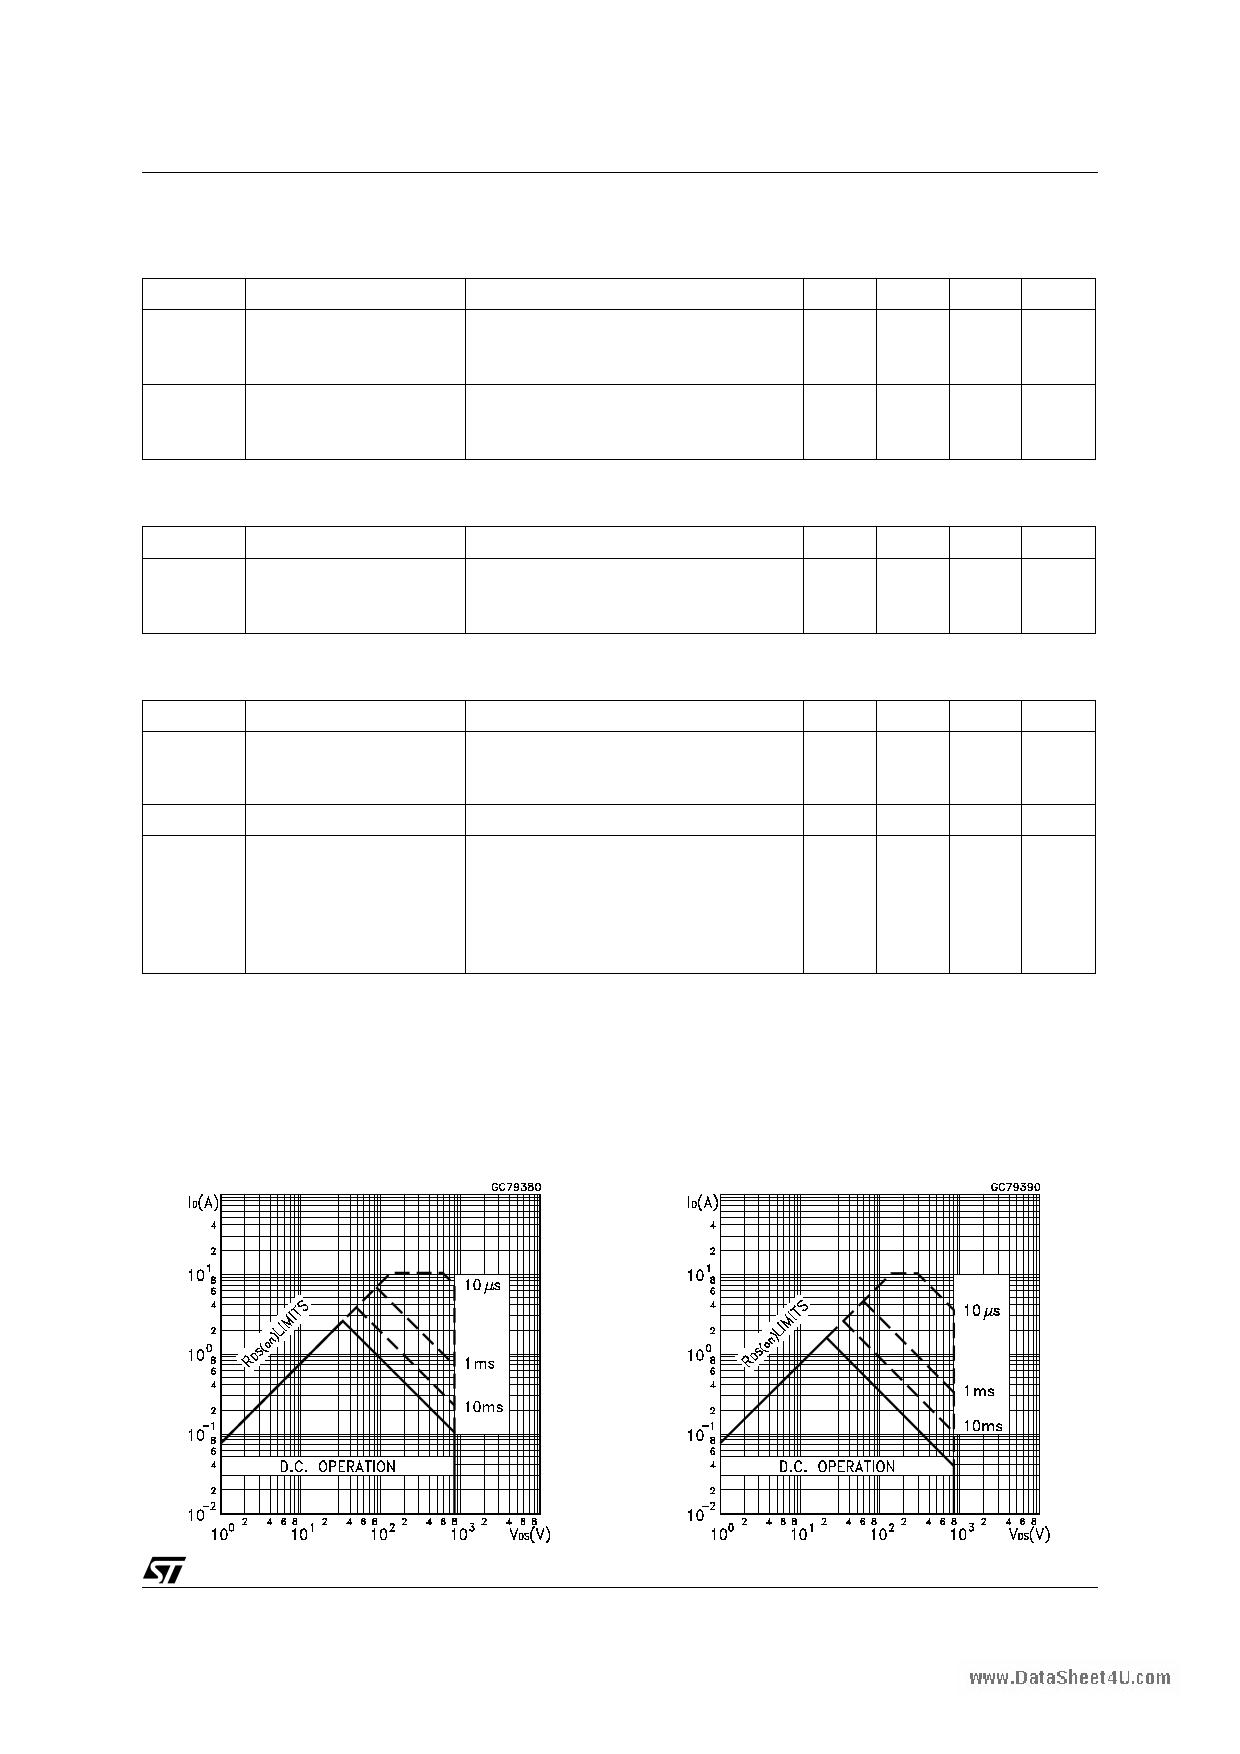 P3NB80FP pdf, ピン配列